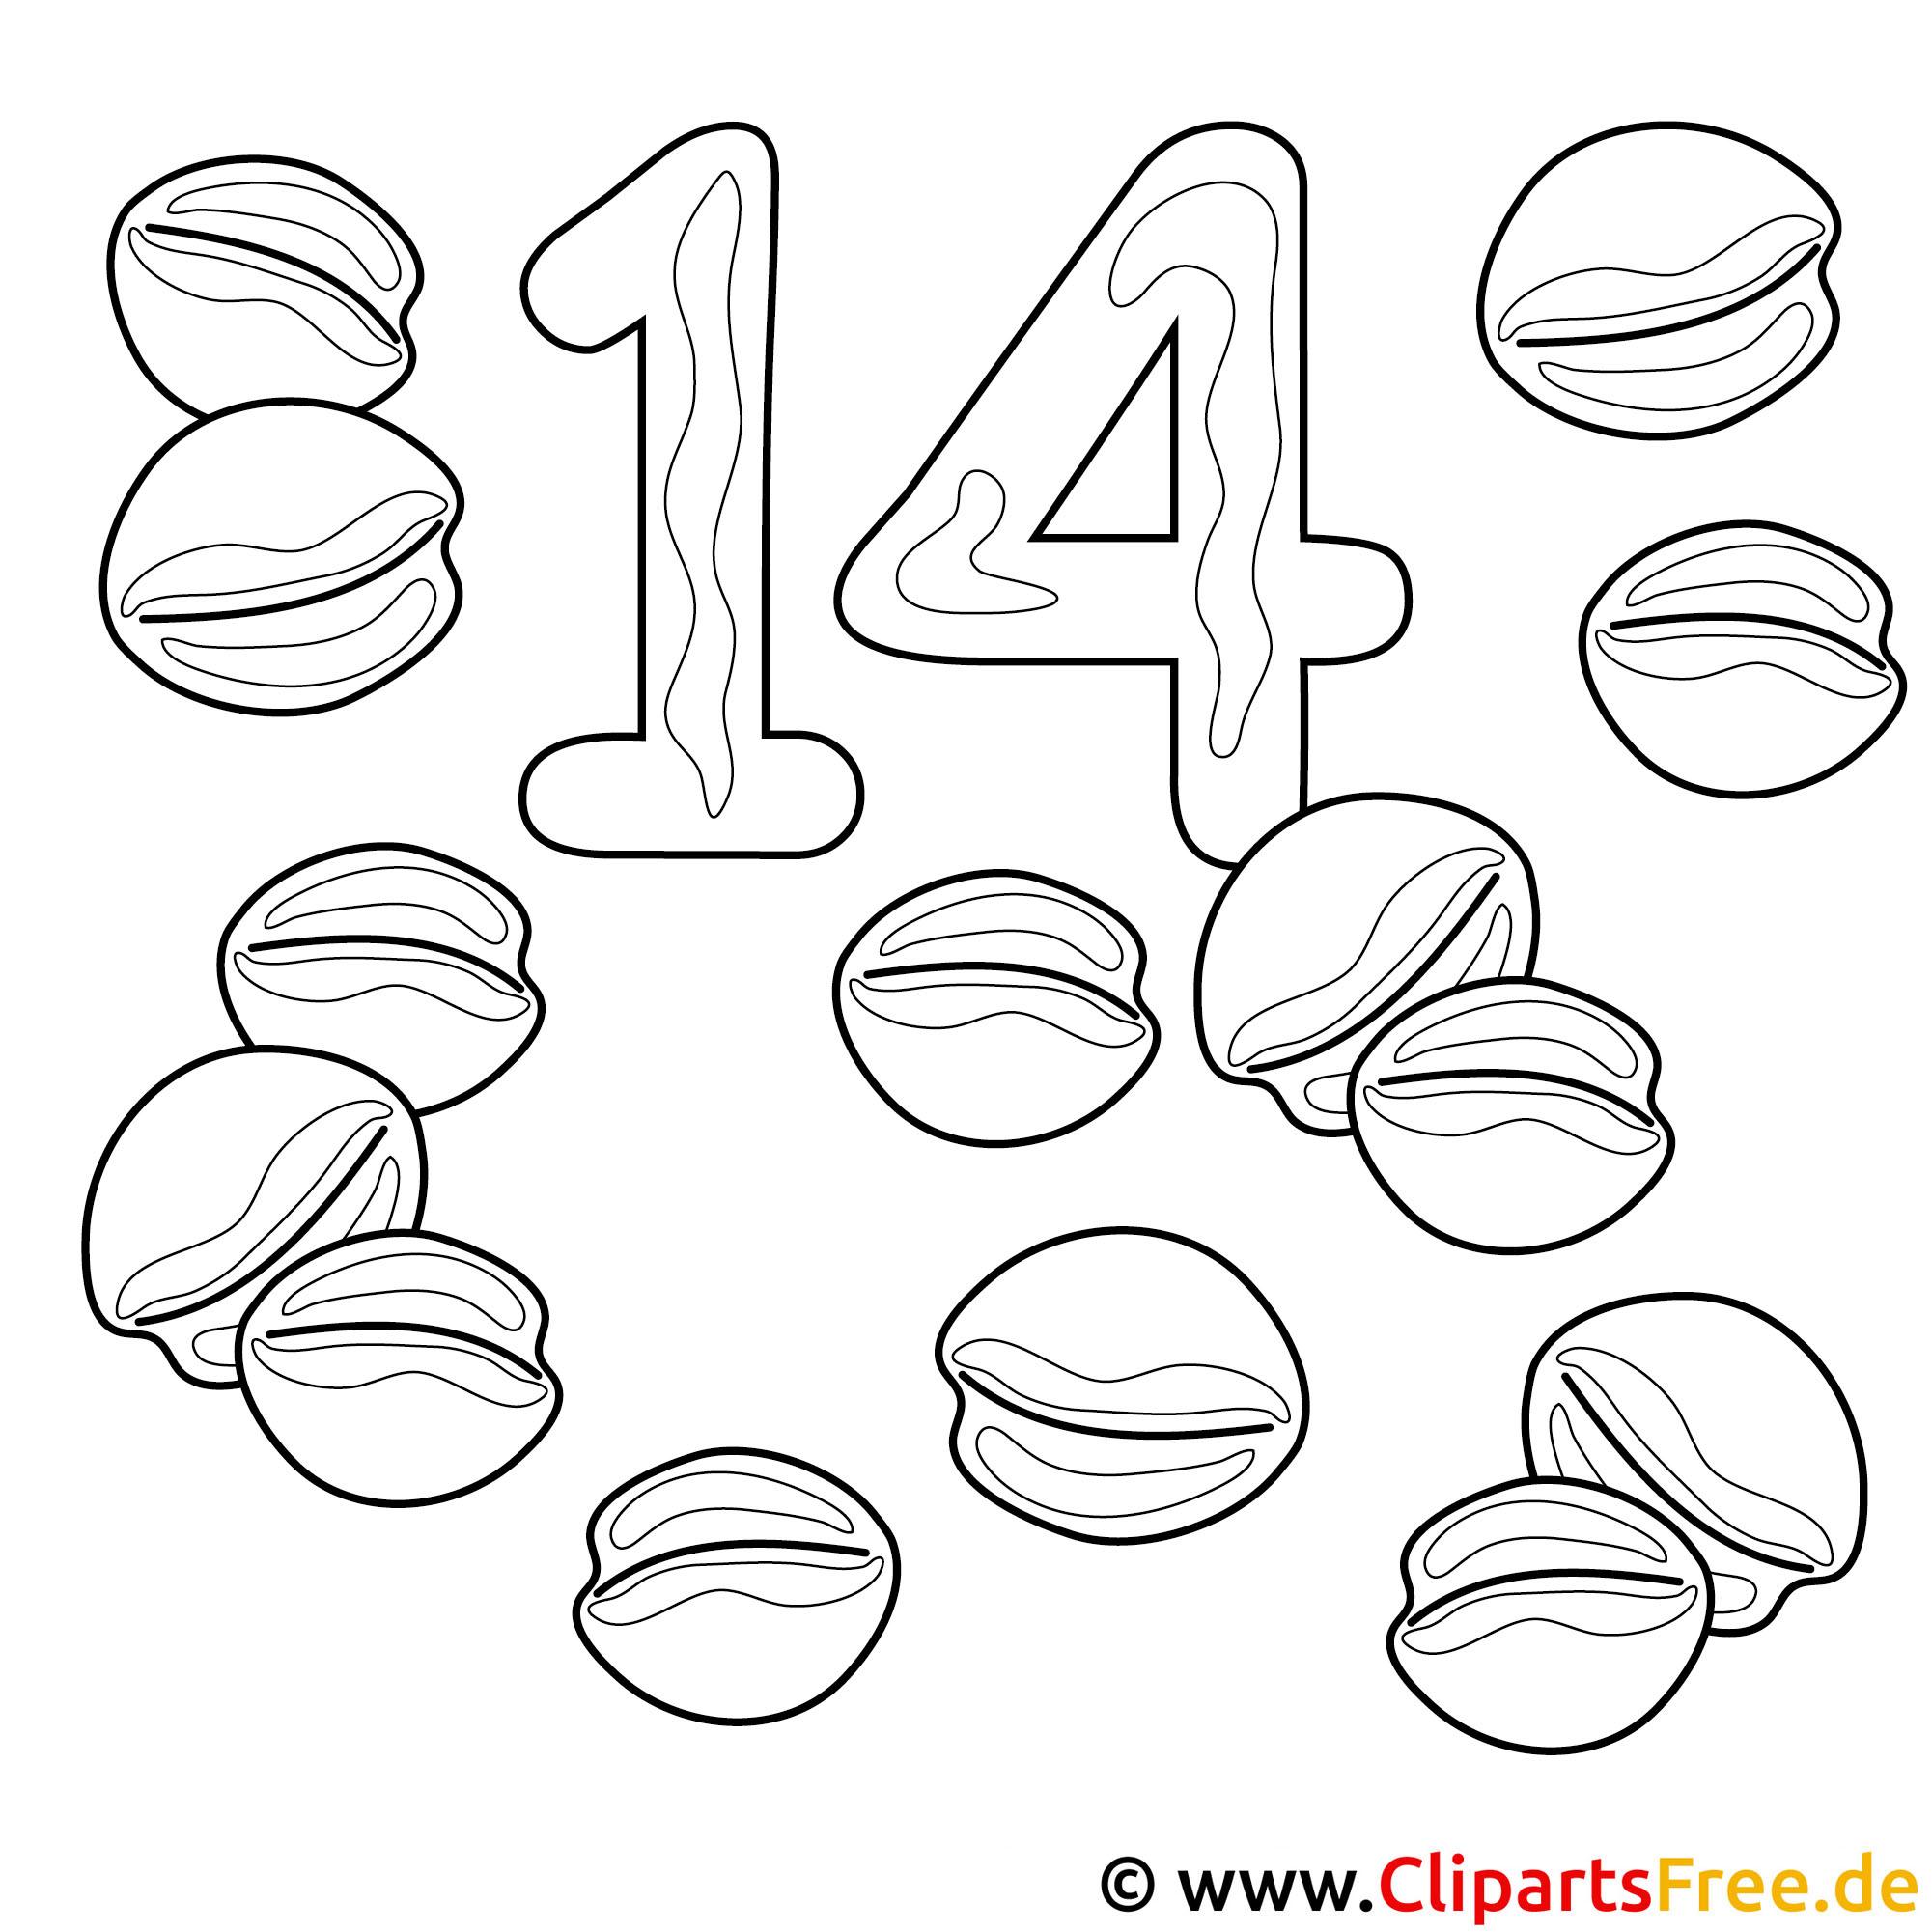 Zahlen Window Color Vorlagen kostenlos zum Ausdrucken